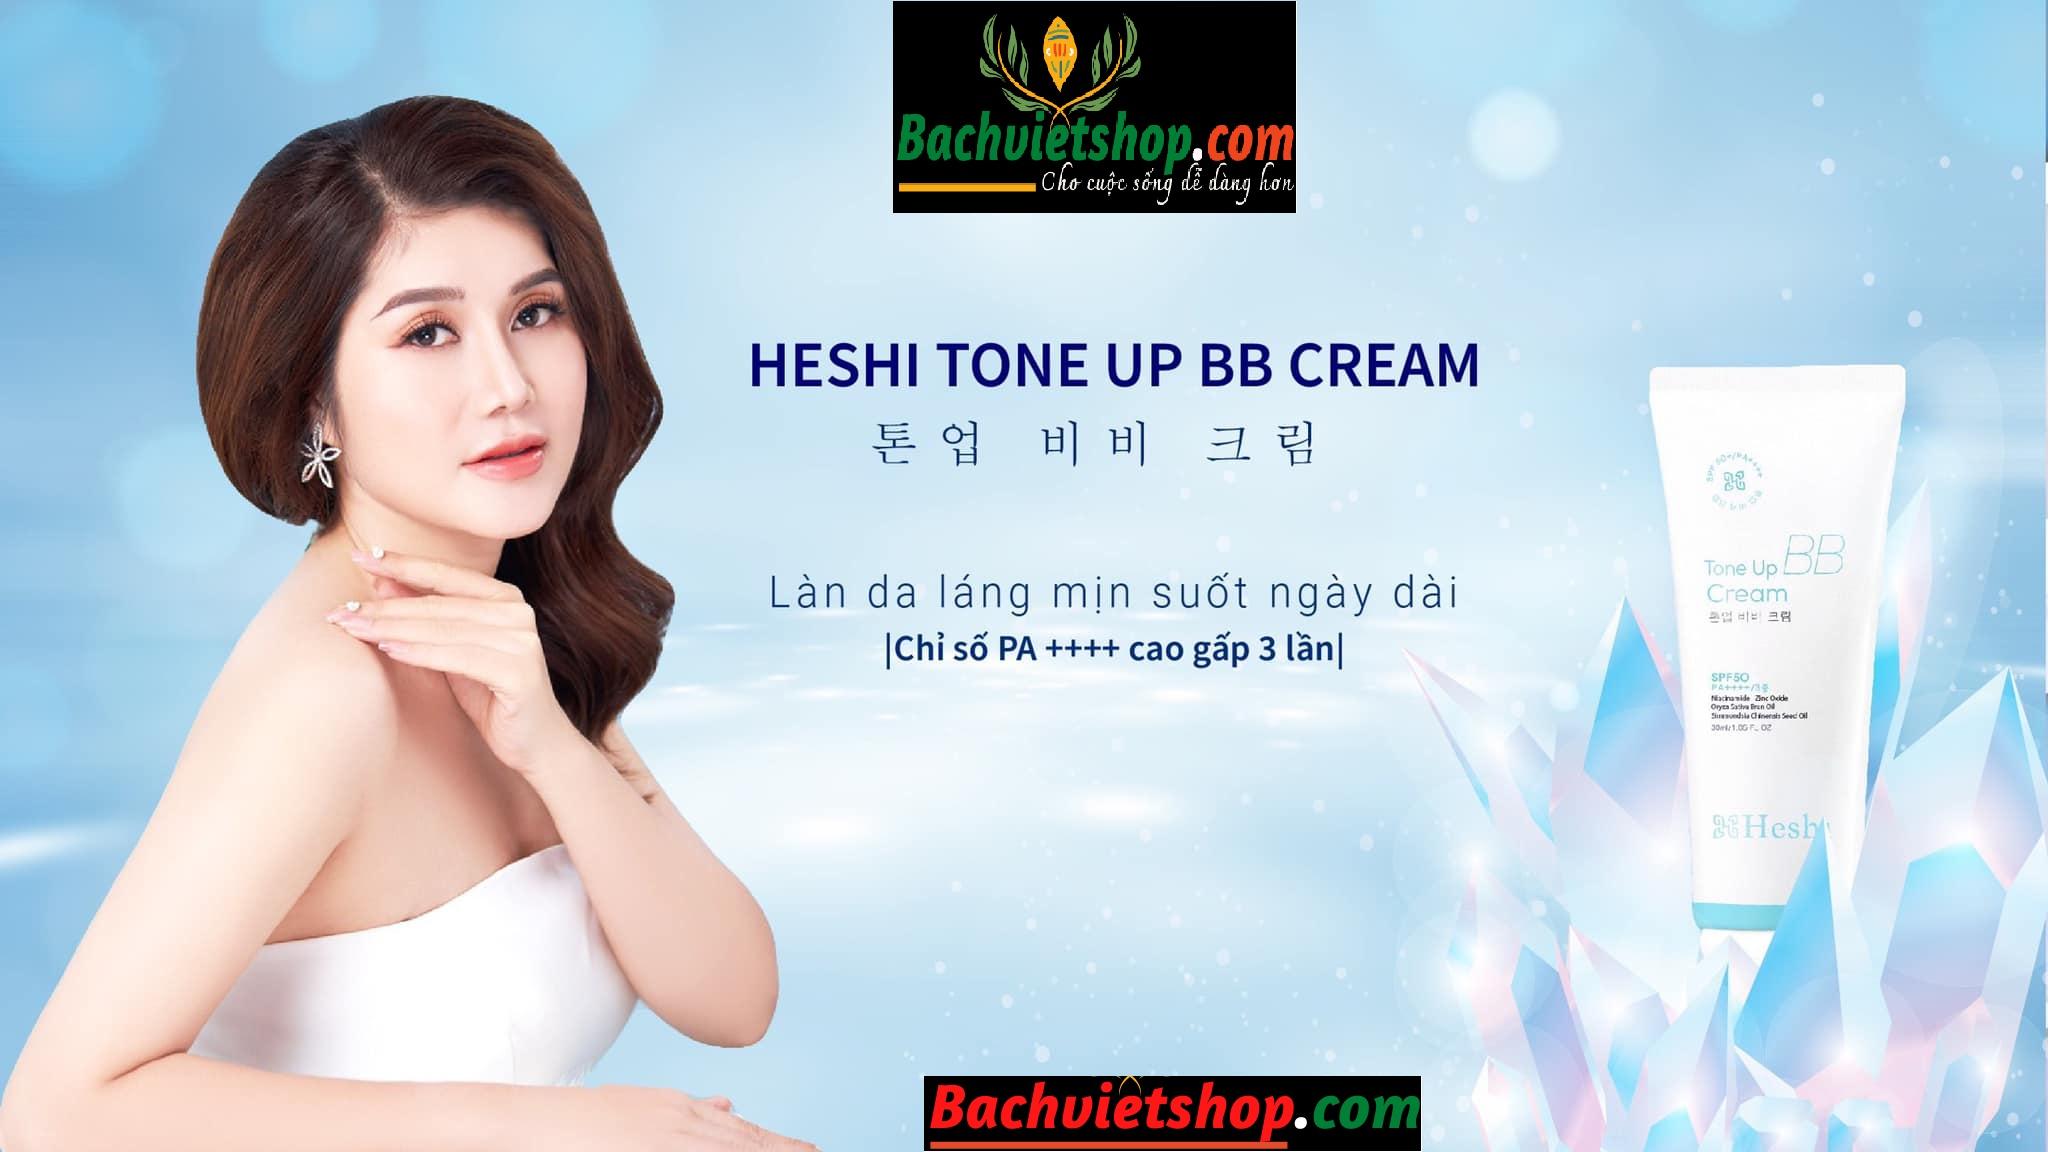 chăm sóc da với kem dưỡng có nền